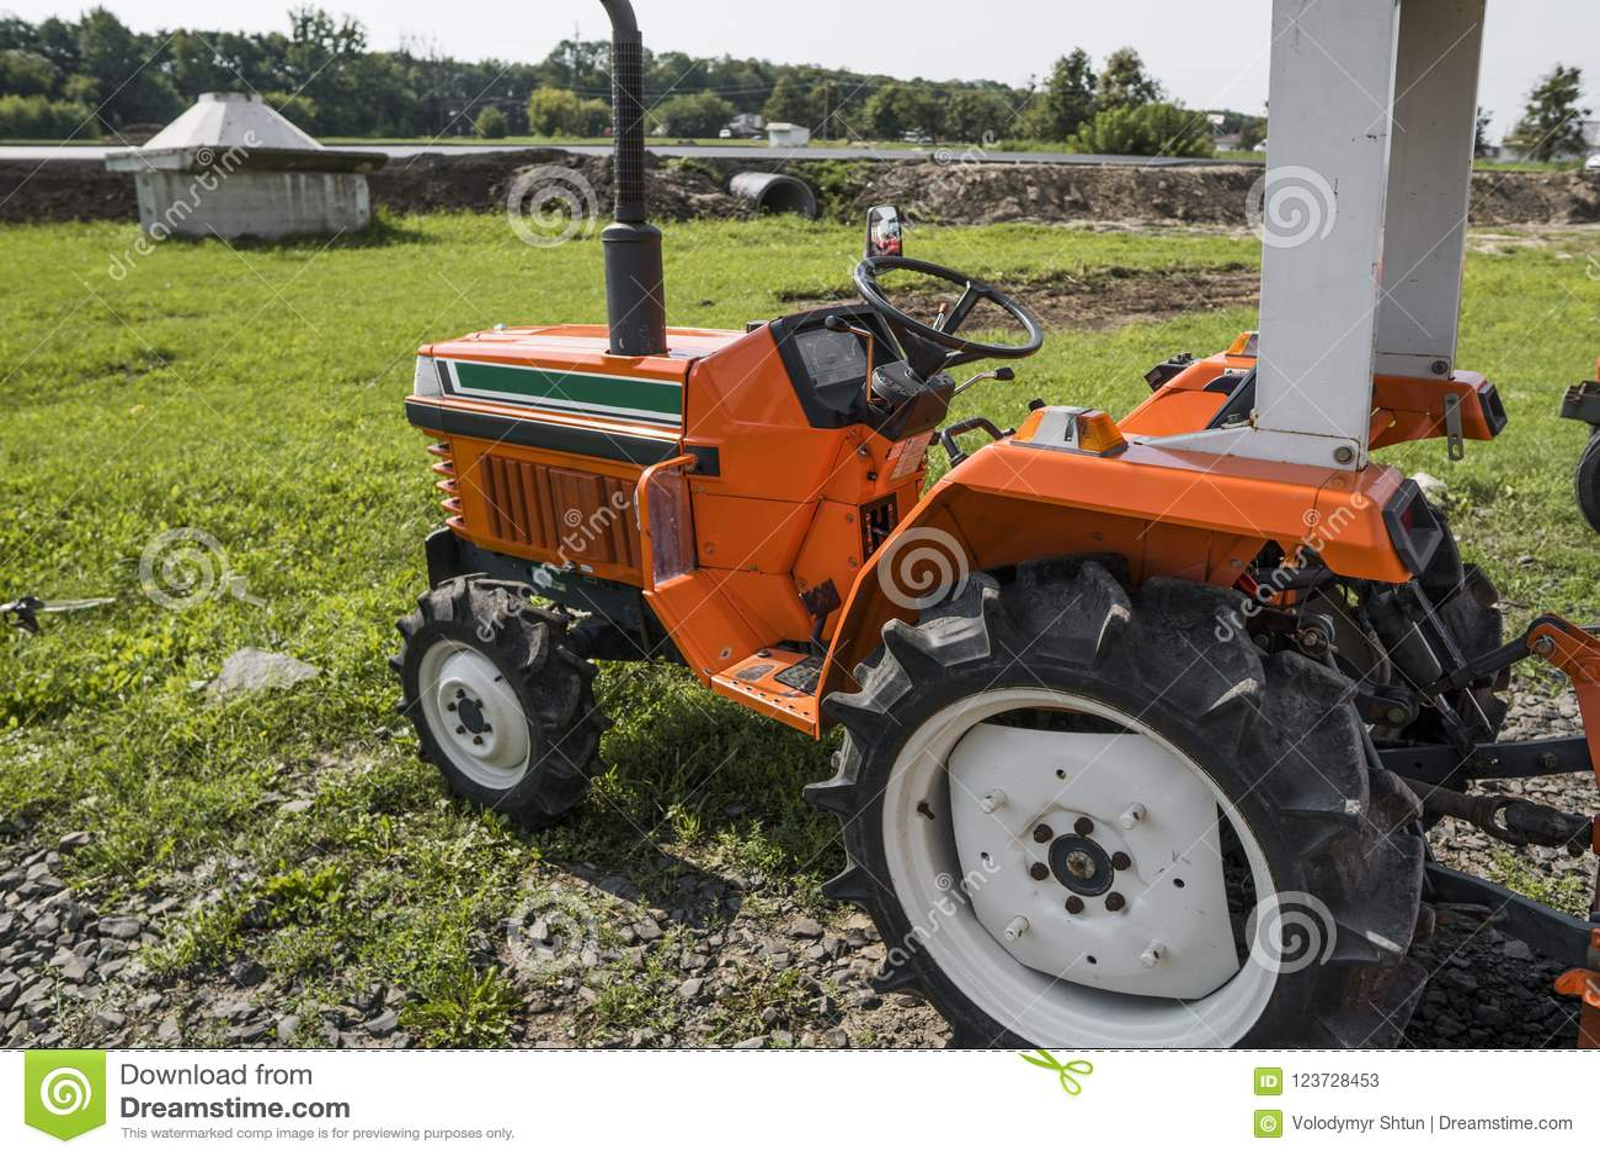 Малый мини оранжевый трактор стоит на дворе фермы на зеленой траве и ждет работу для того чтобы начать